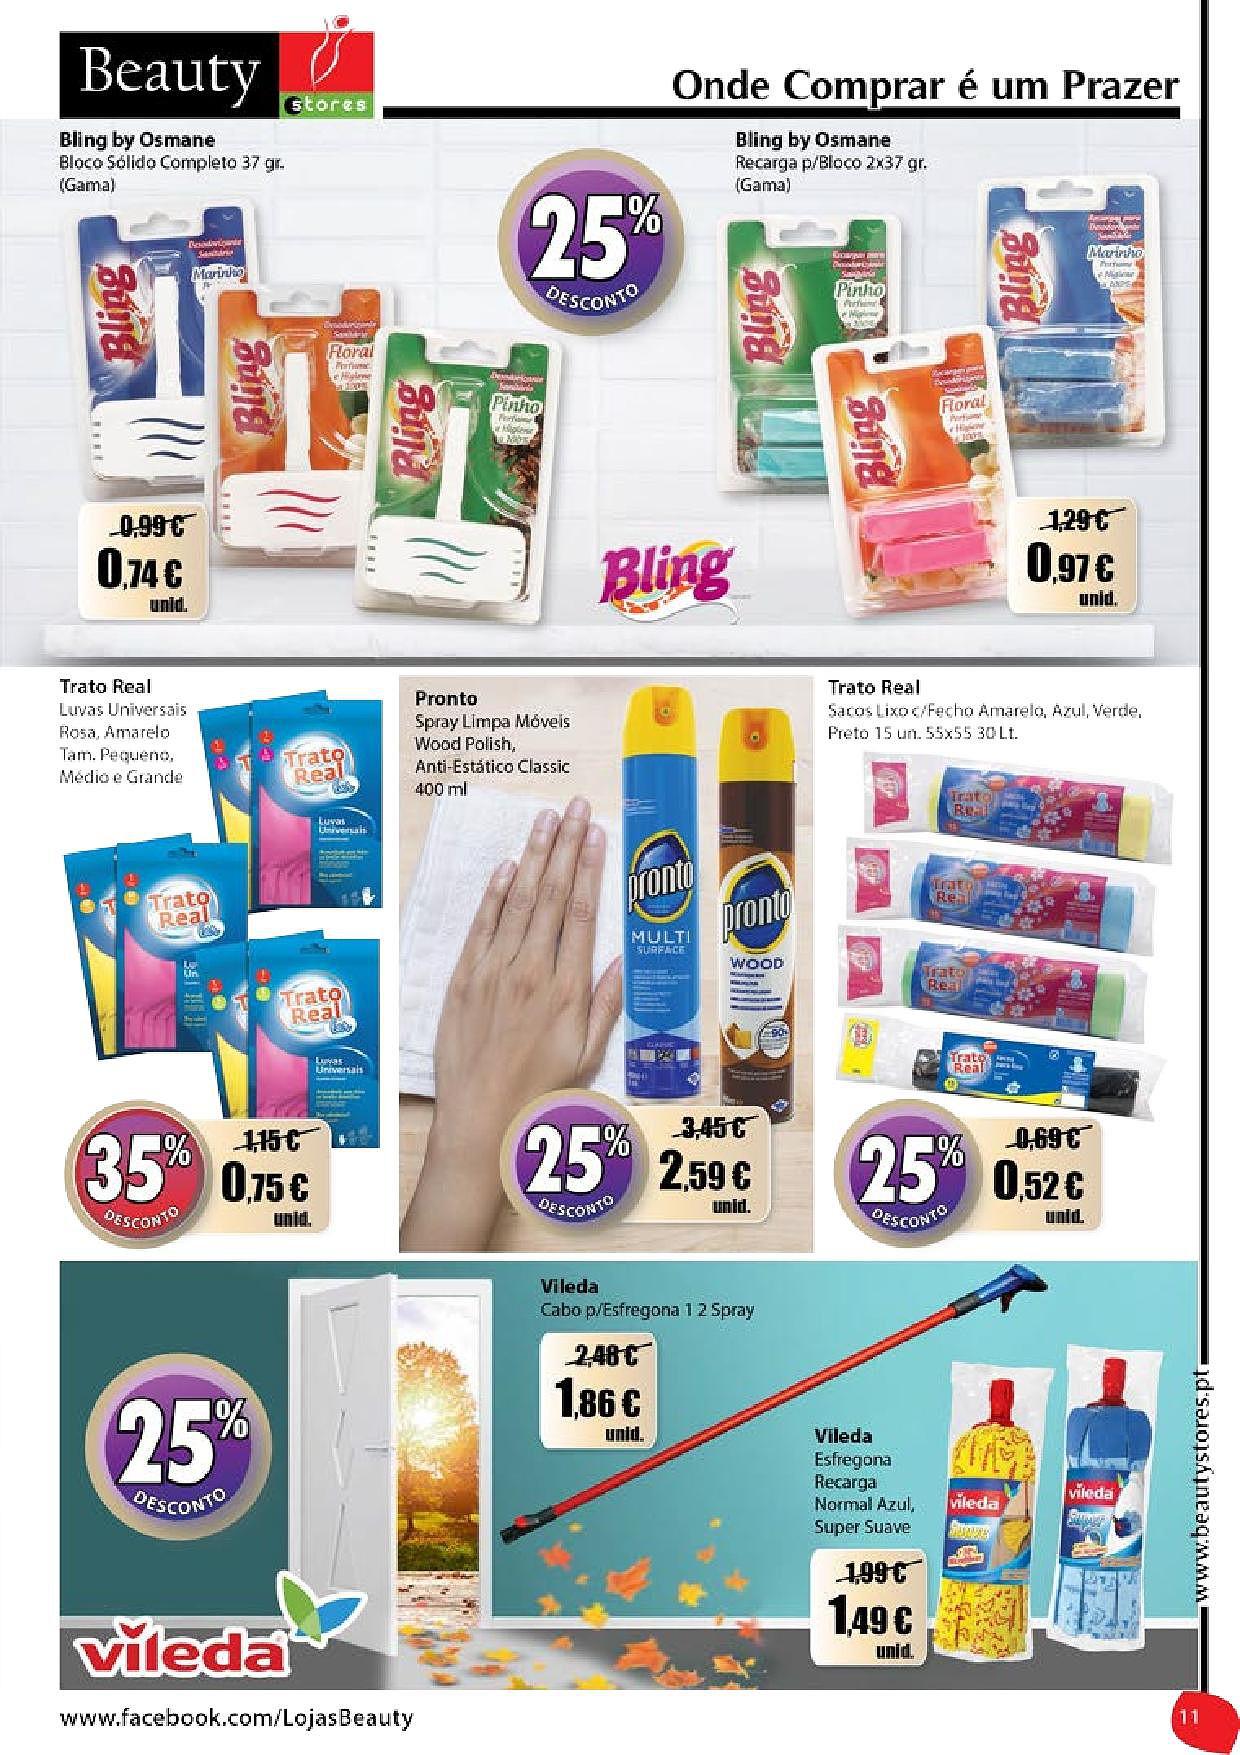 promocoes-beauty-stores-antevisao-folheto-page-011.jpg